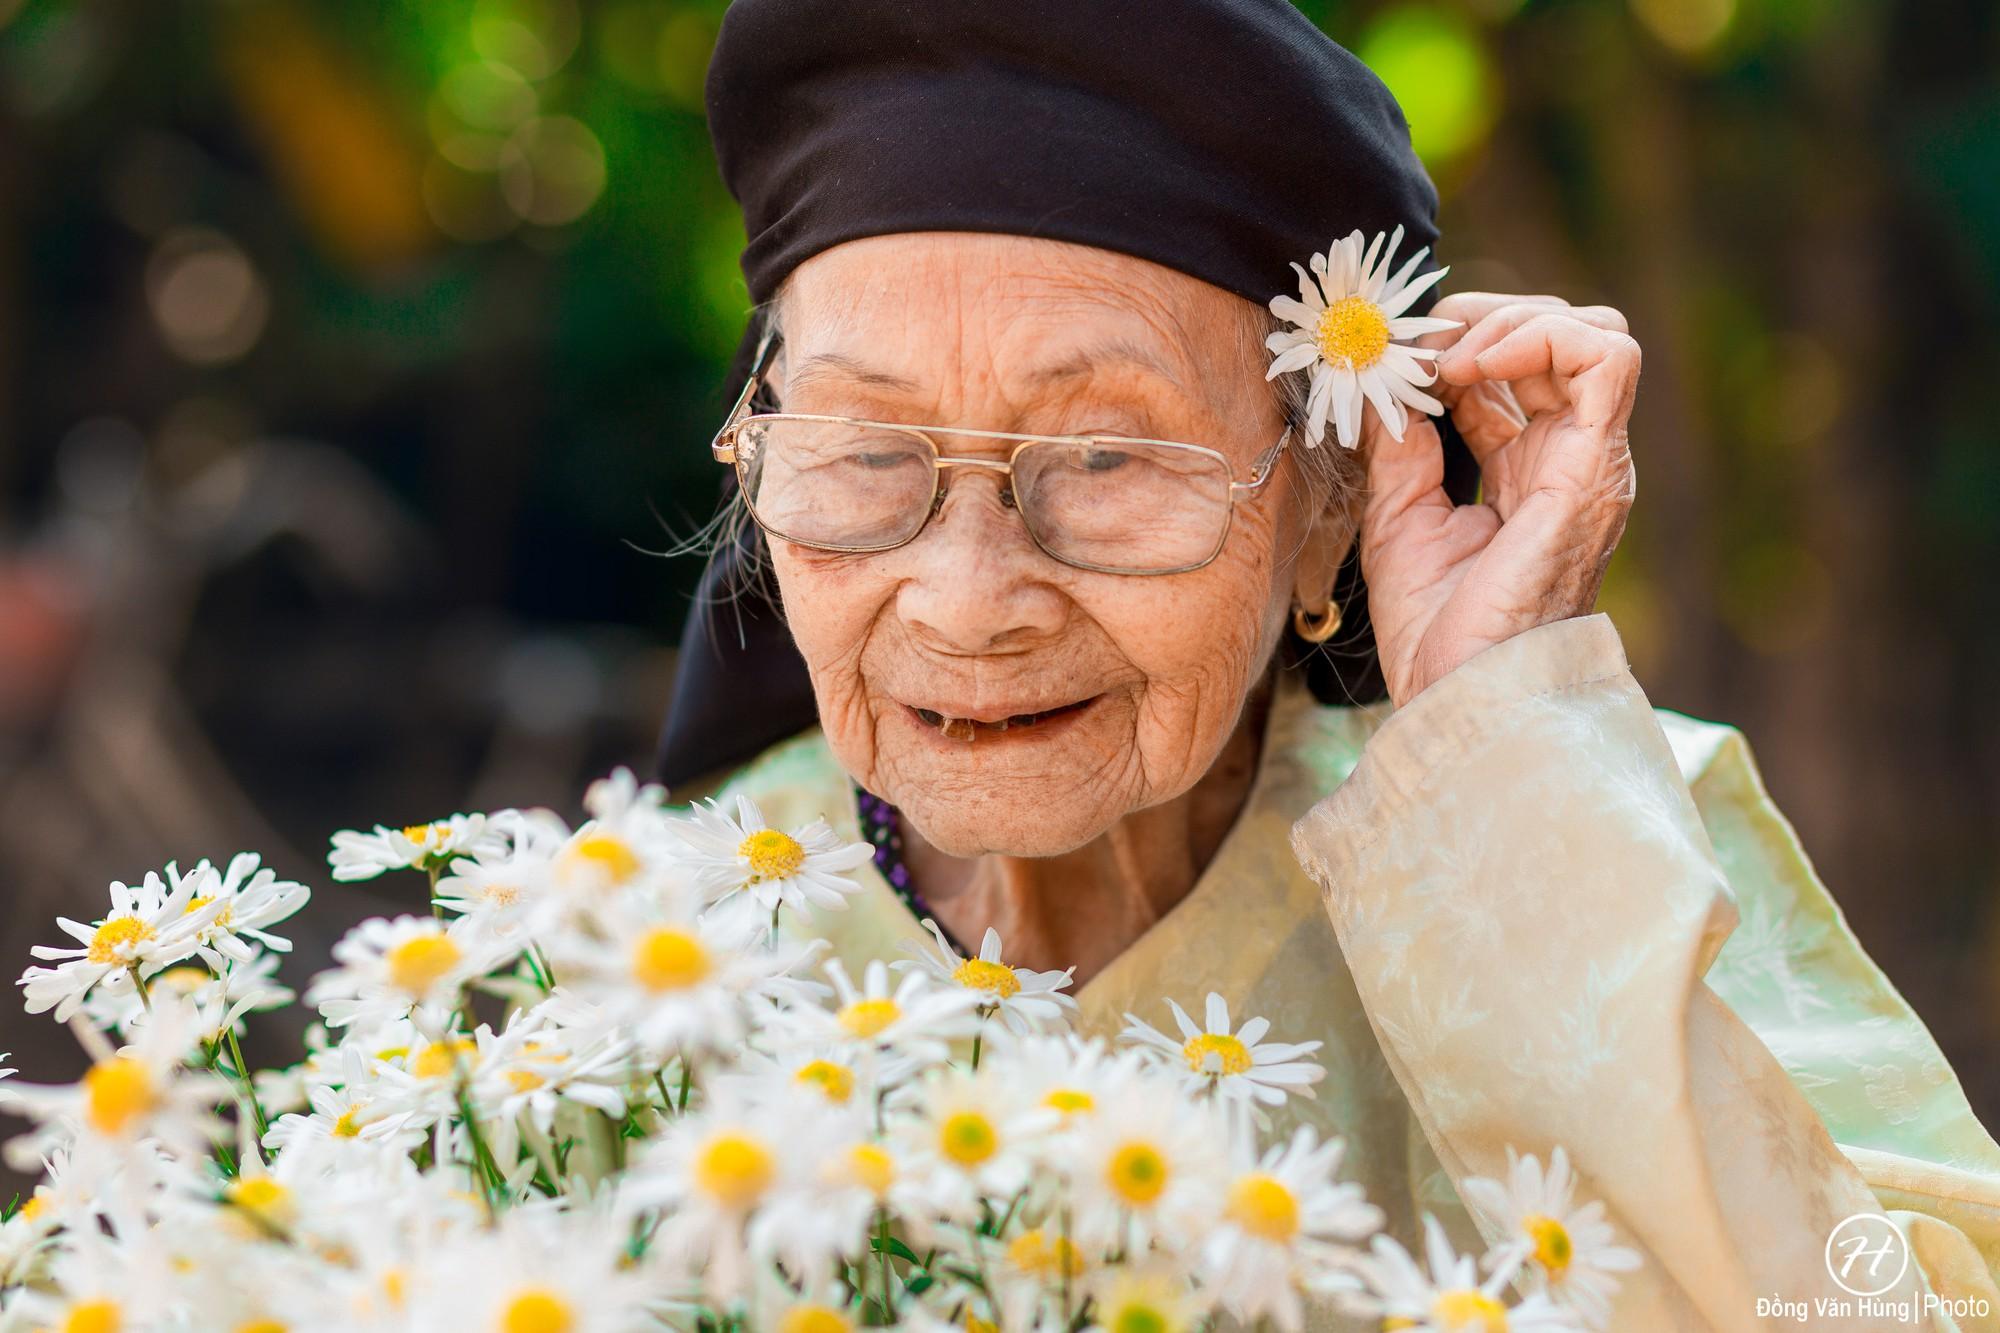 'Người mẫu' 99 tuổi điệu đà tạo dáng bên hoa cúc họa mi, nhìn bức ảnh ai cũng yêu đời hơn